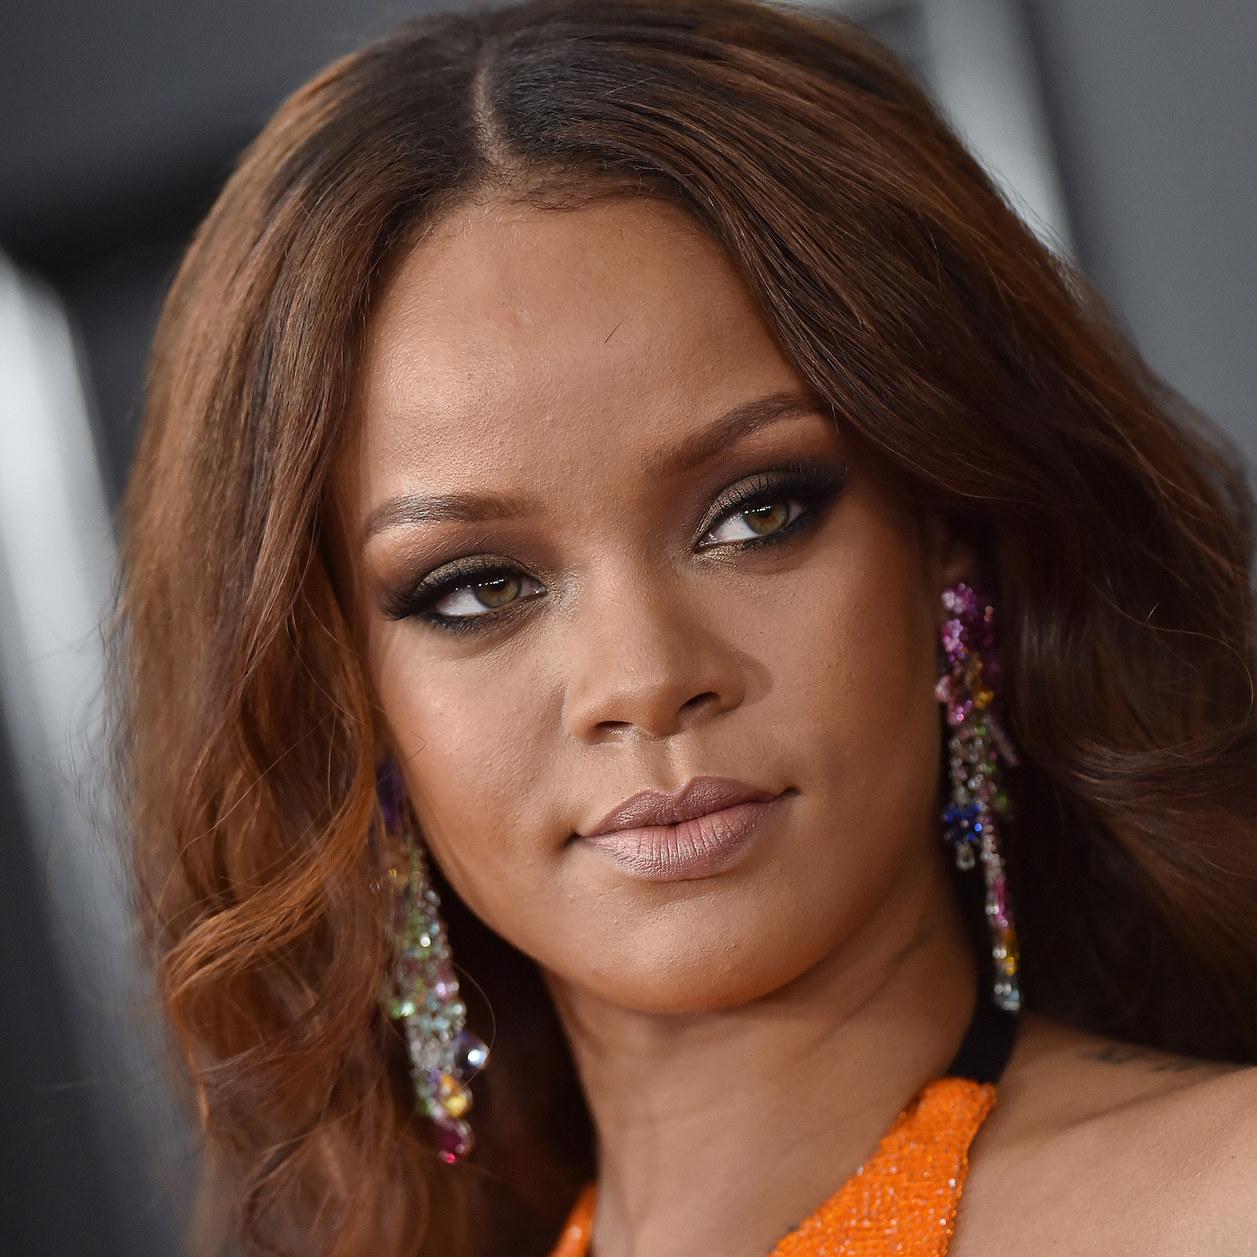 Savoir Et Et RihannaTout Sur L'actualité L'actualité RihannaTout Savoir dCoeWrxB